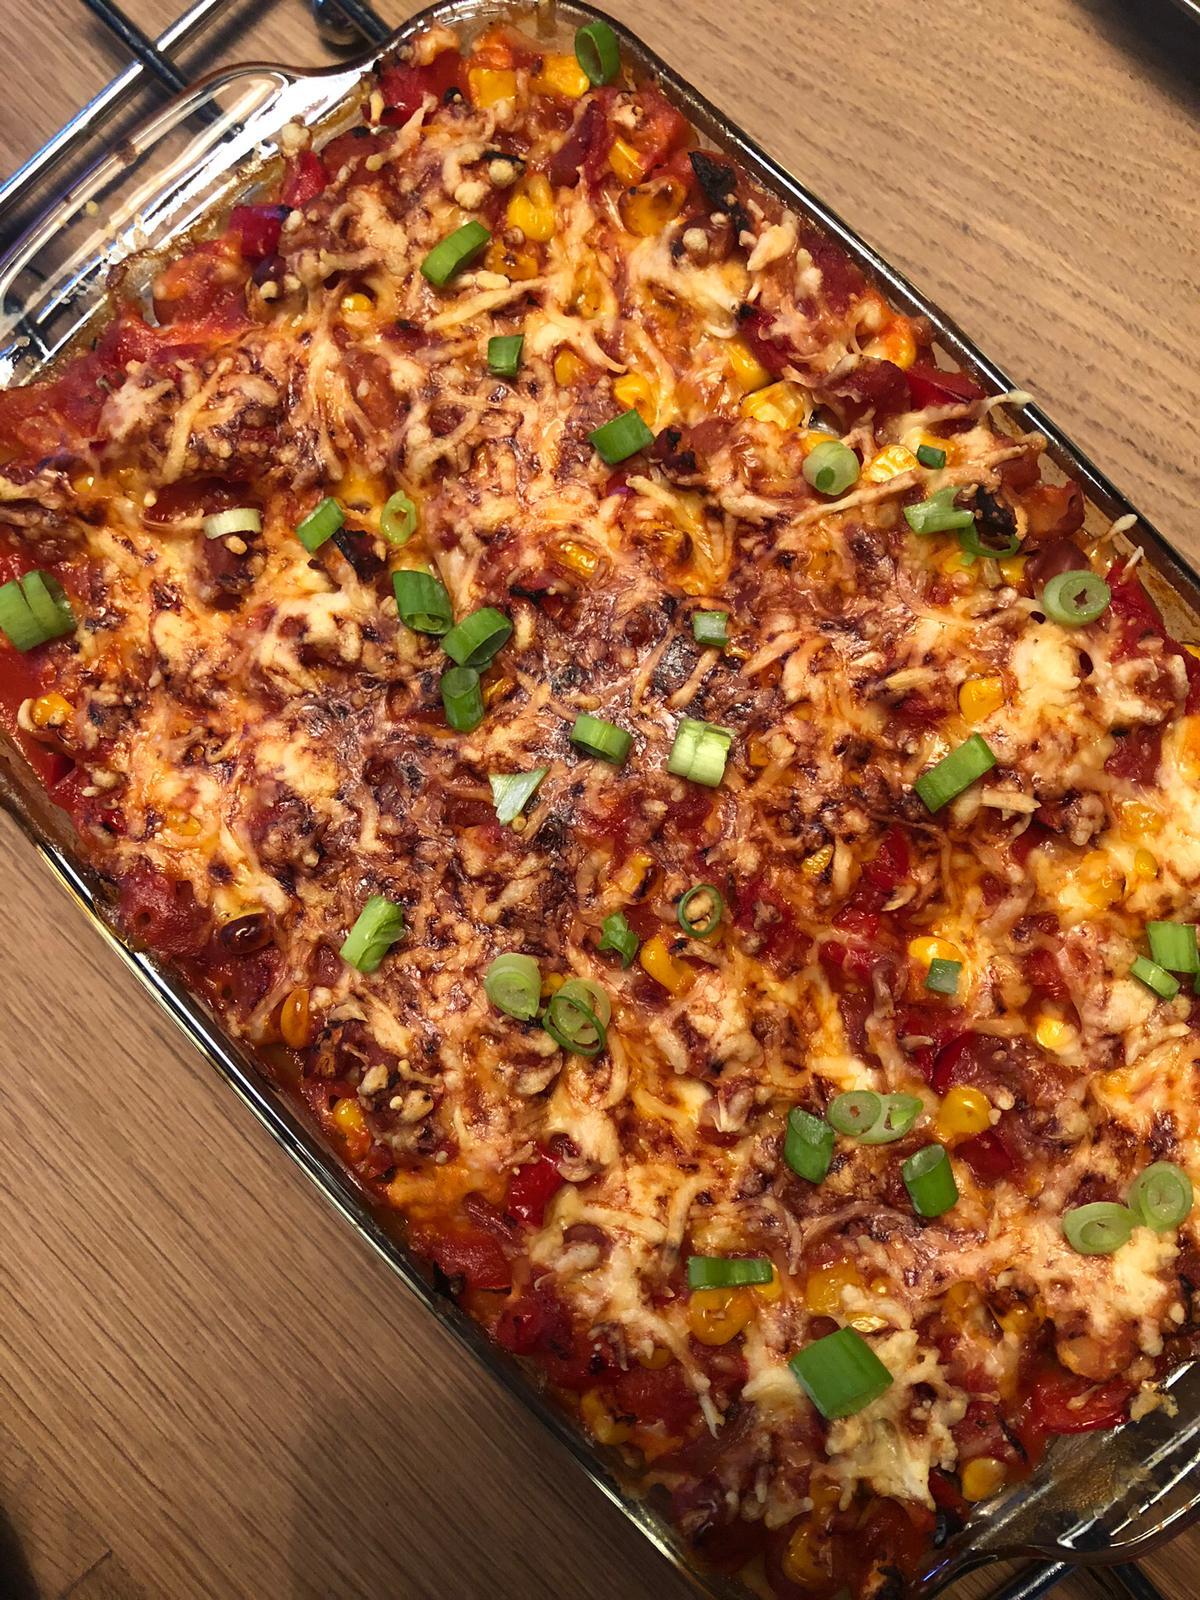 Kookinspiratie: Vega Mexicaanse Lasagne